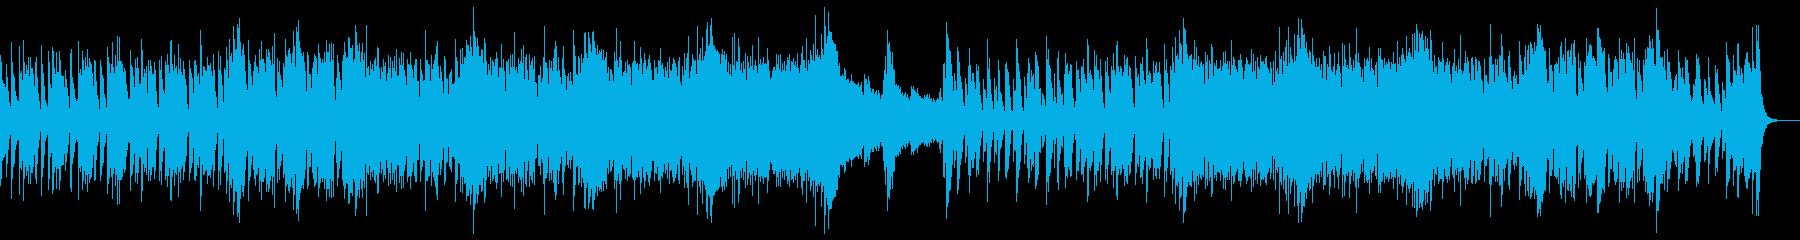 和楽器・和風・サムライヒーロー和楽器のみの再生済みの波形